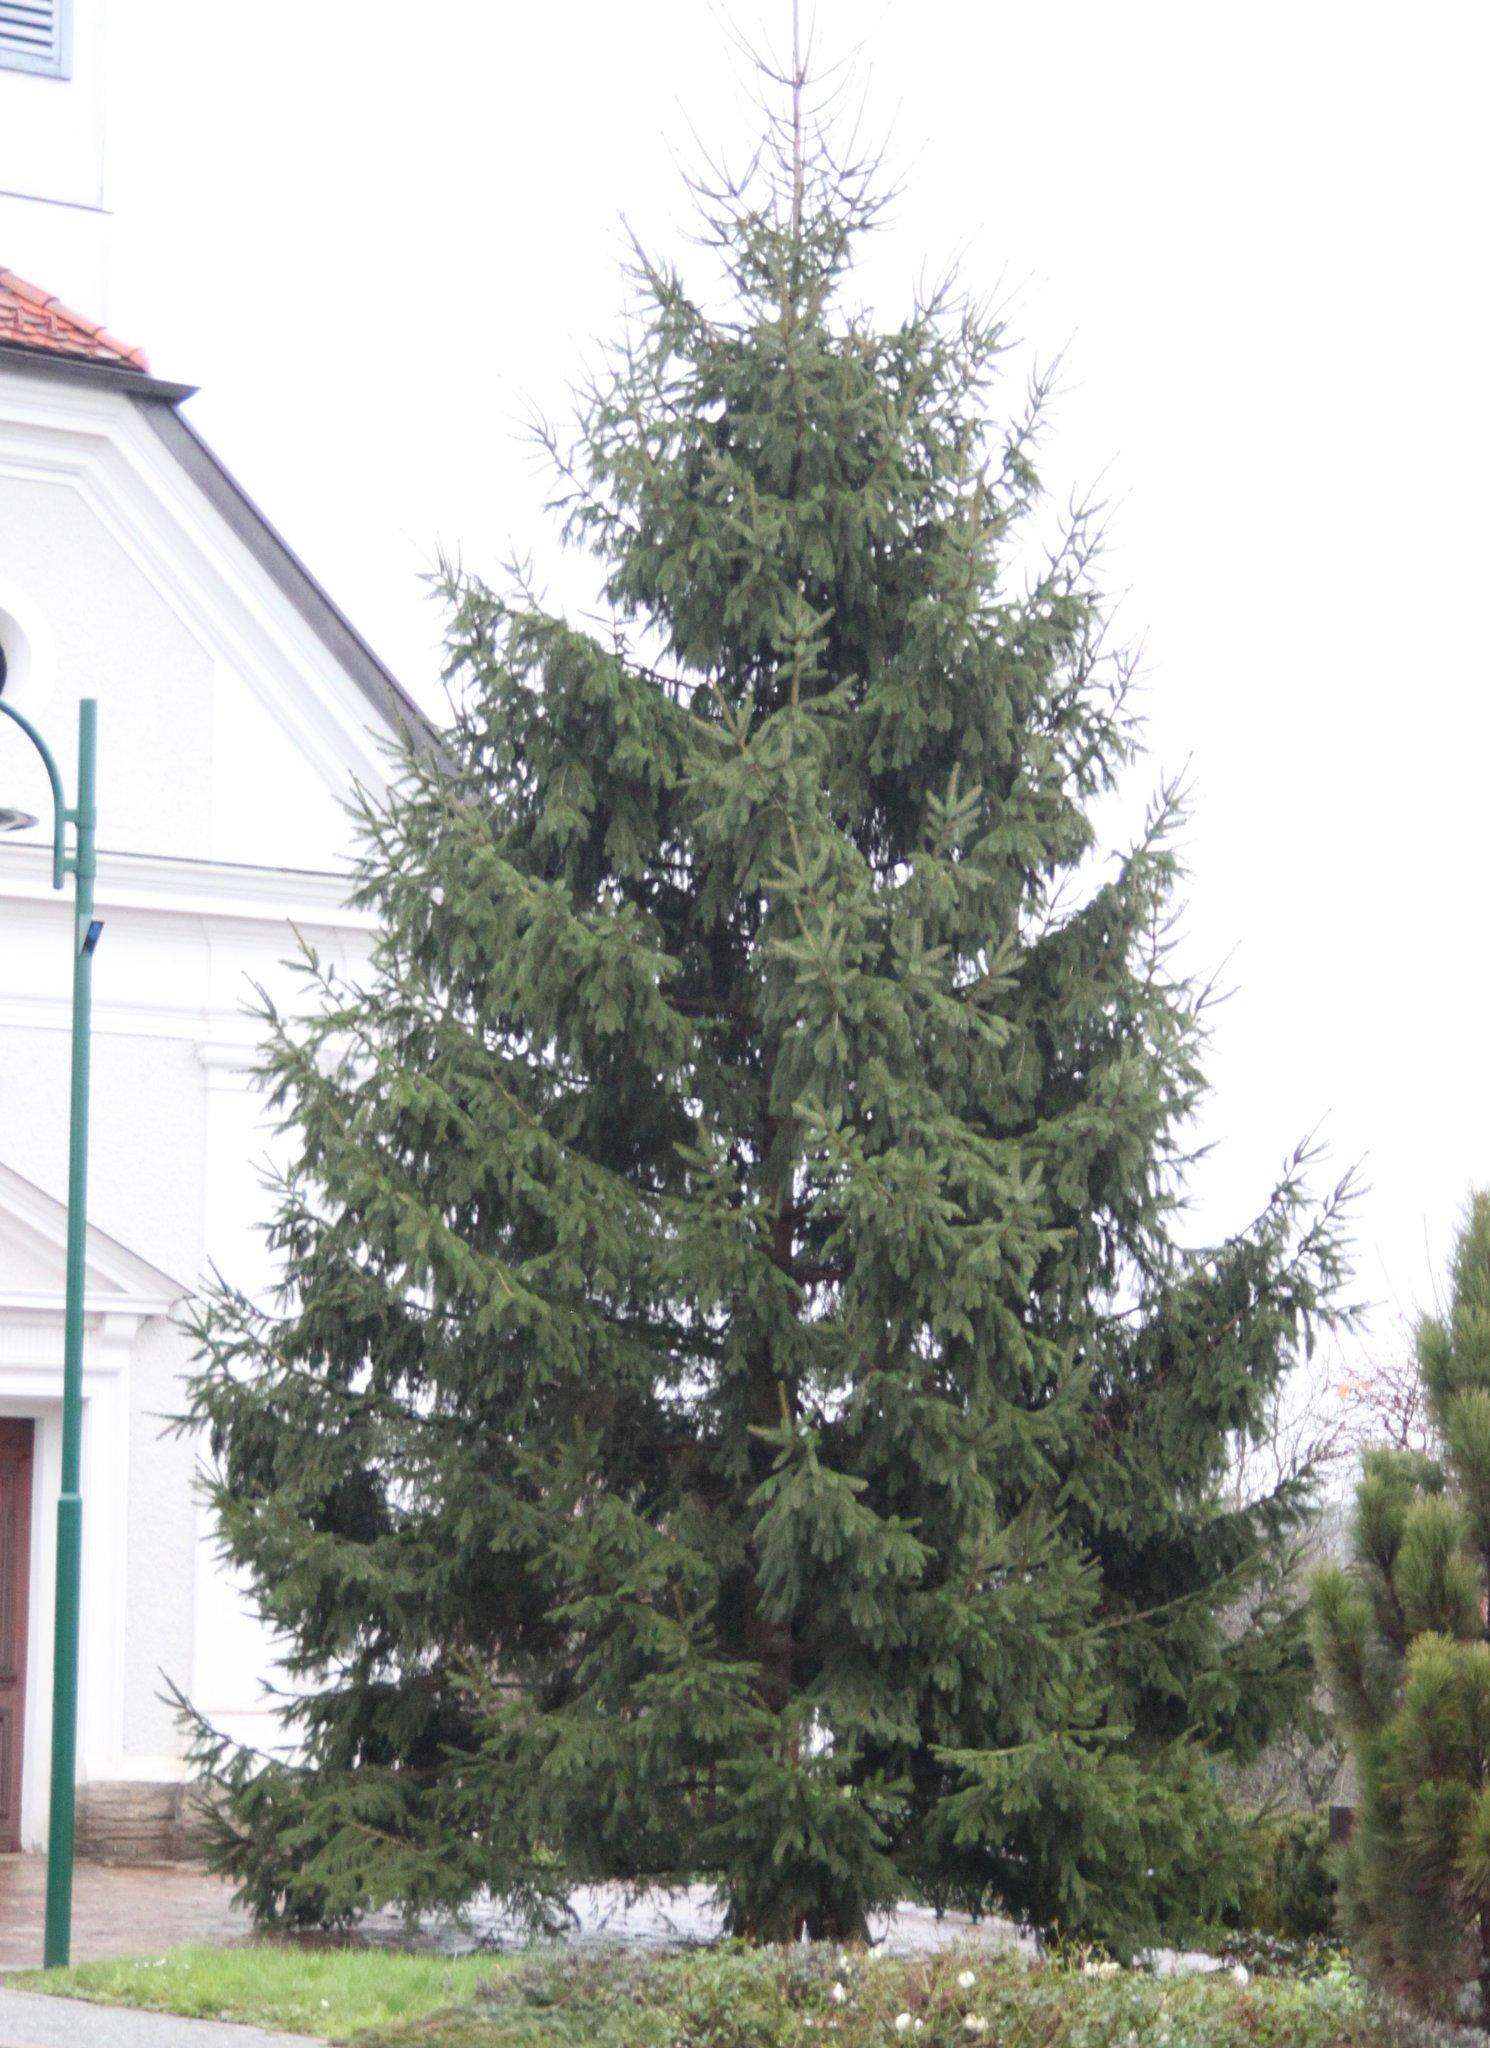 Wann Weihnachtsbaum Aufstellen.Ff übernahm Das Aufstellen Weihnachtsbaum In Rassach Deutschlandsberg